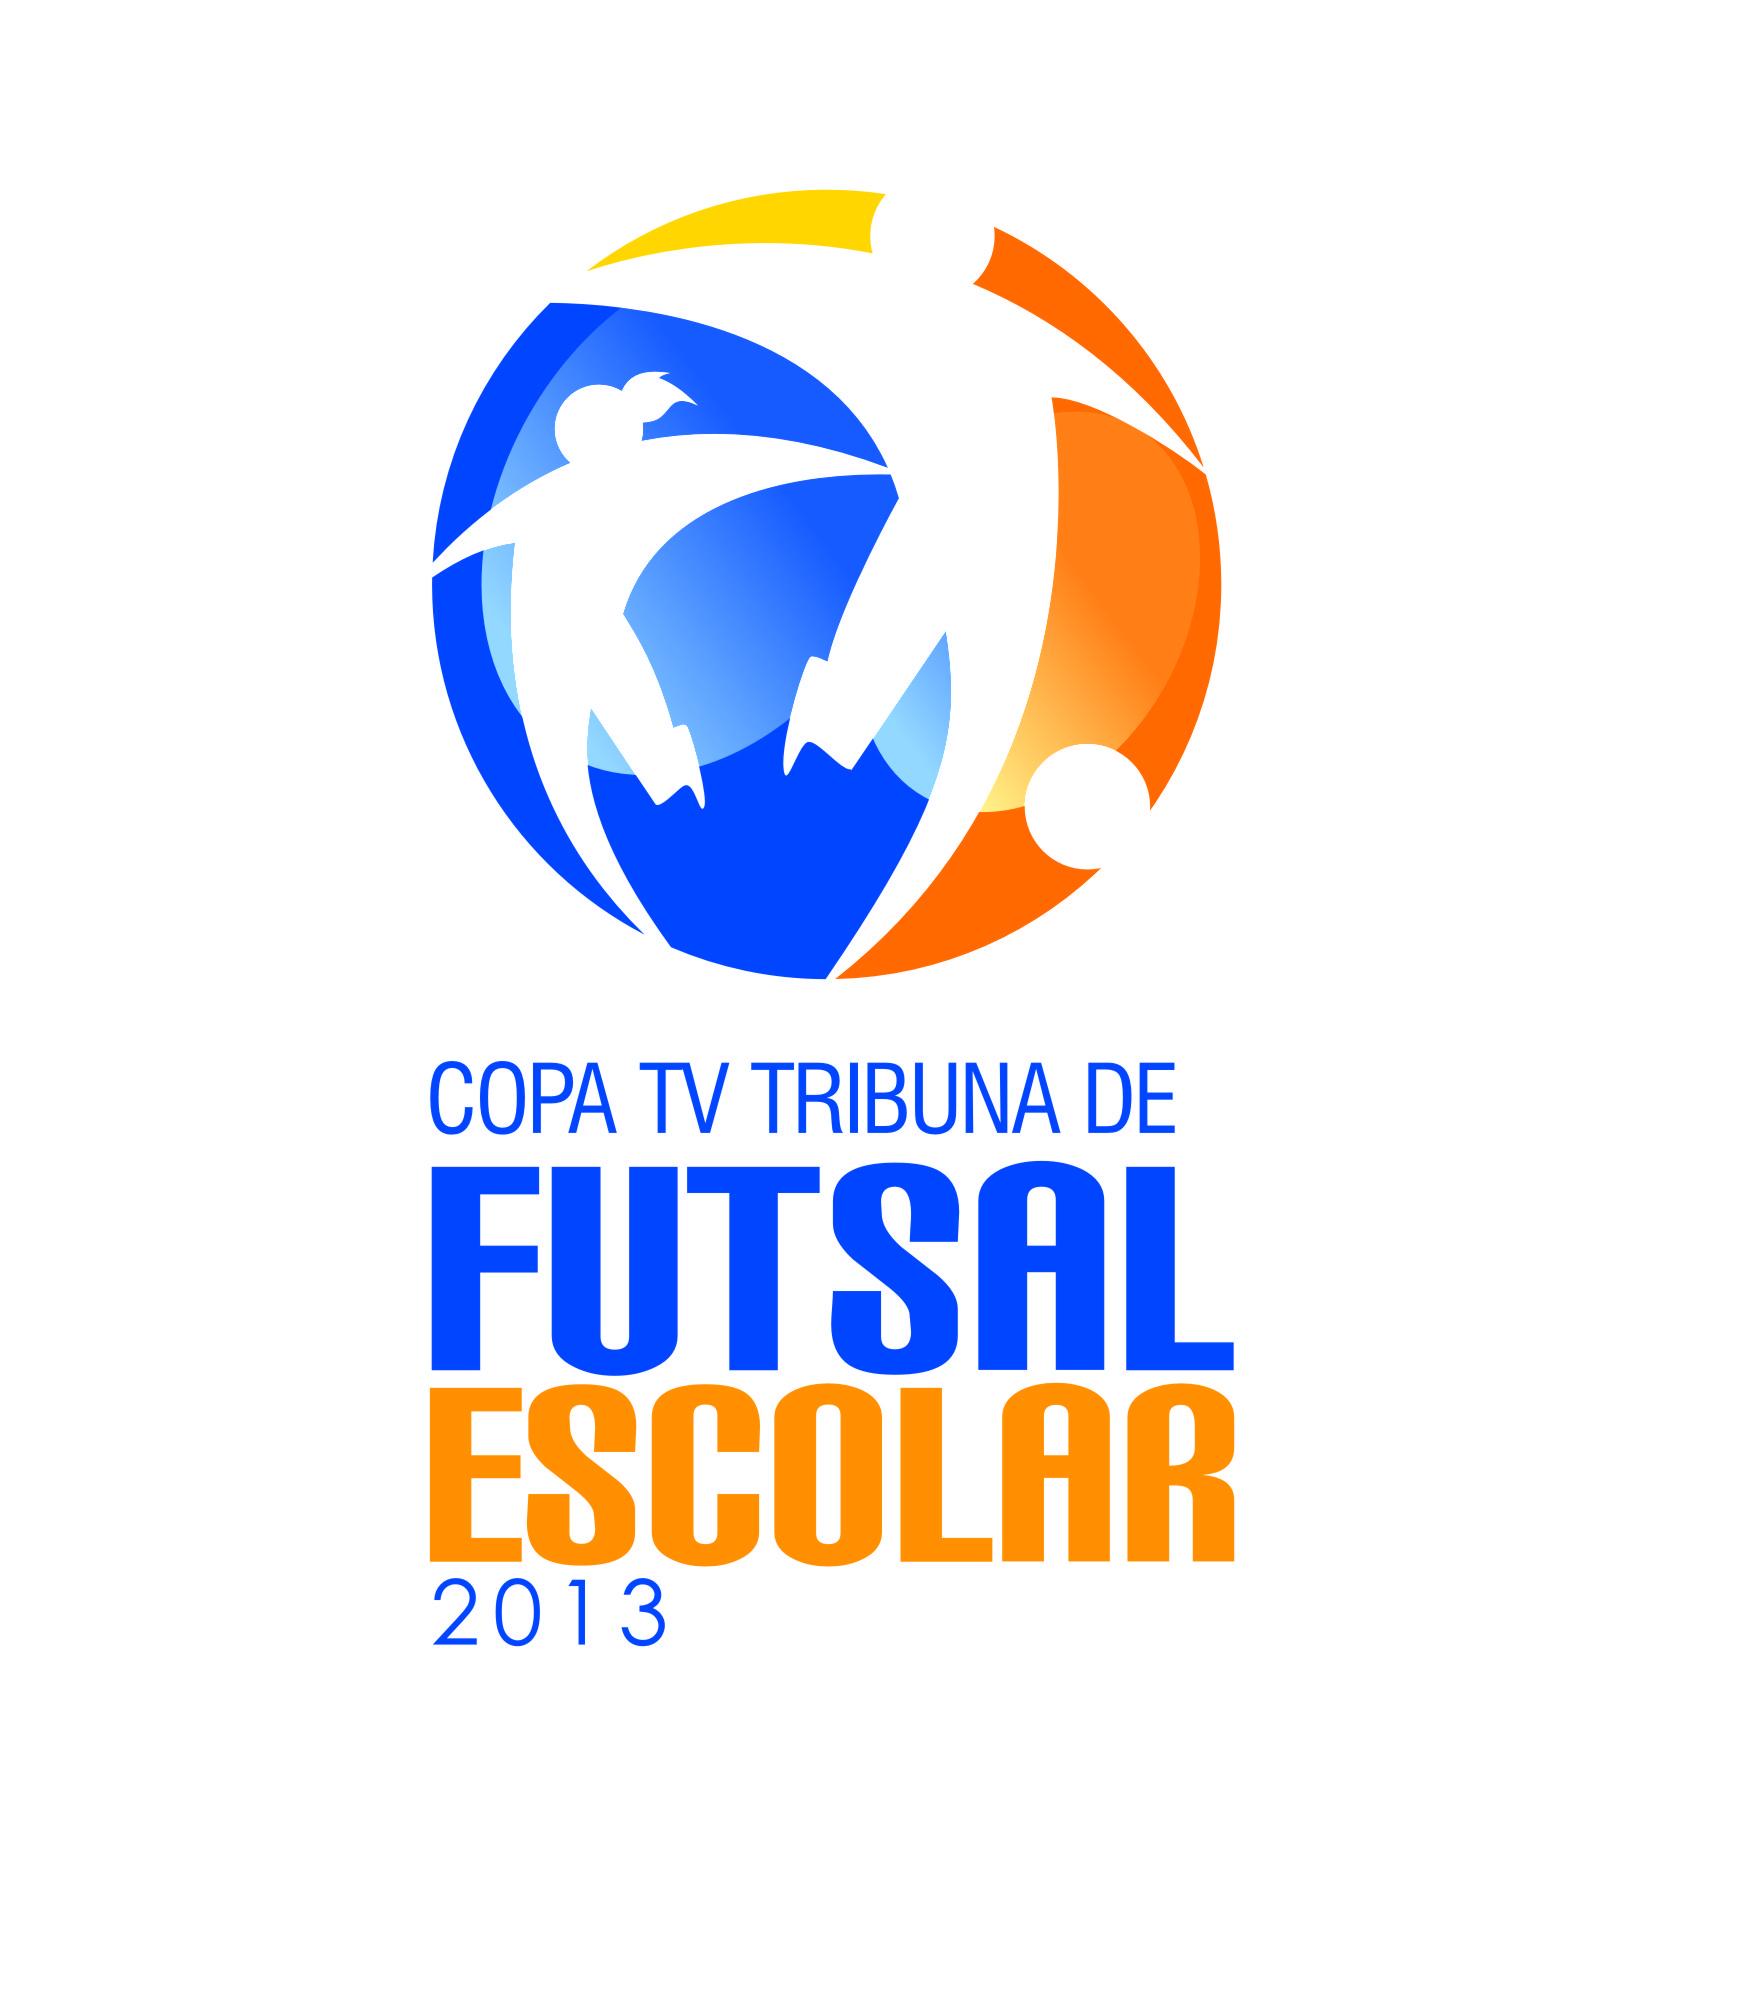 Copa TV Tribuna de Futsal Escola  (Foto: Divulgação)